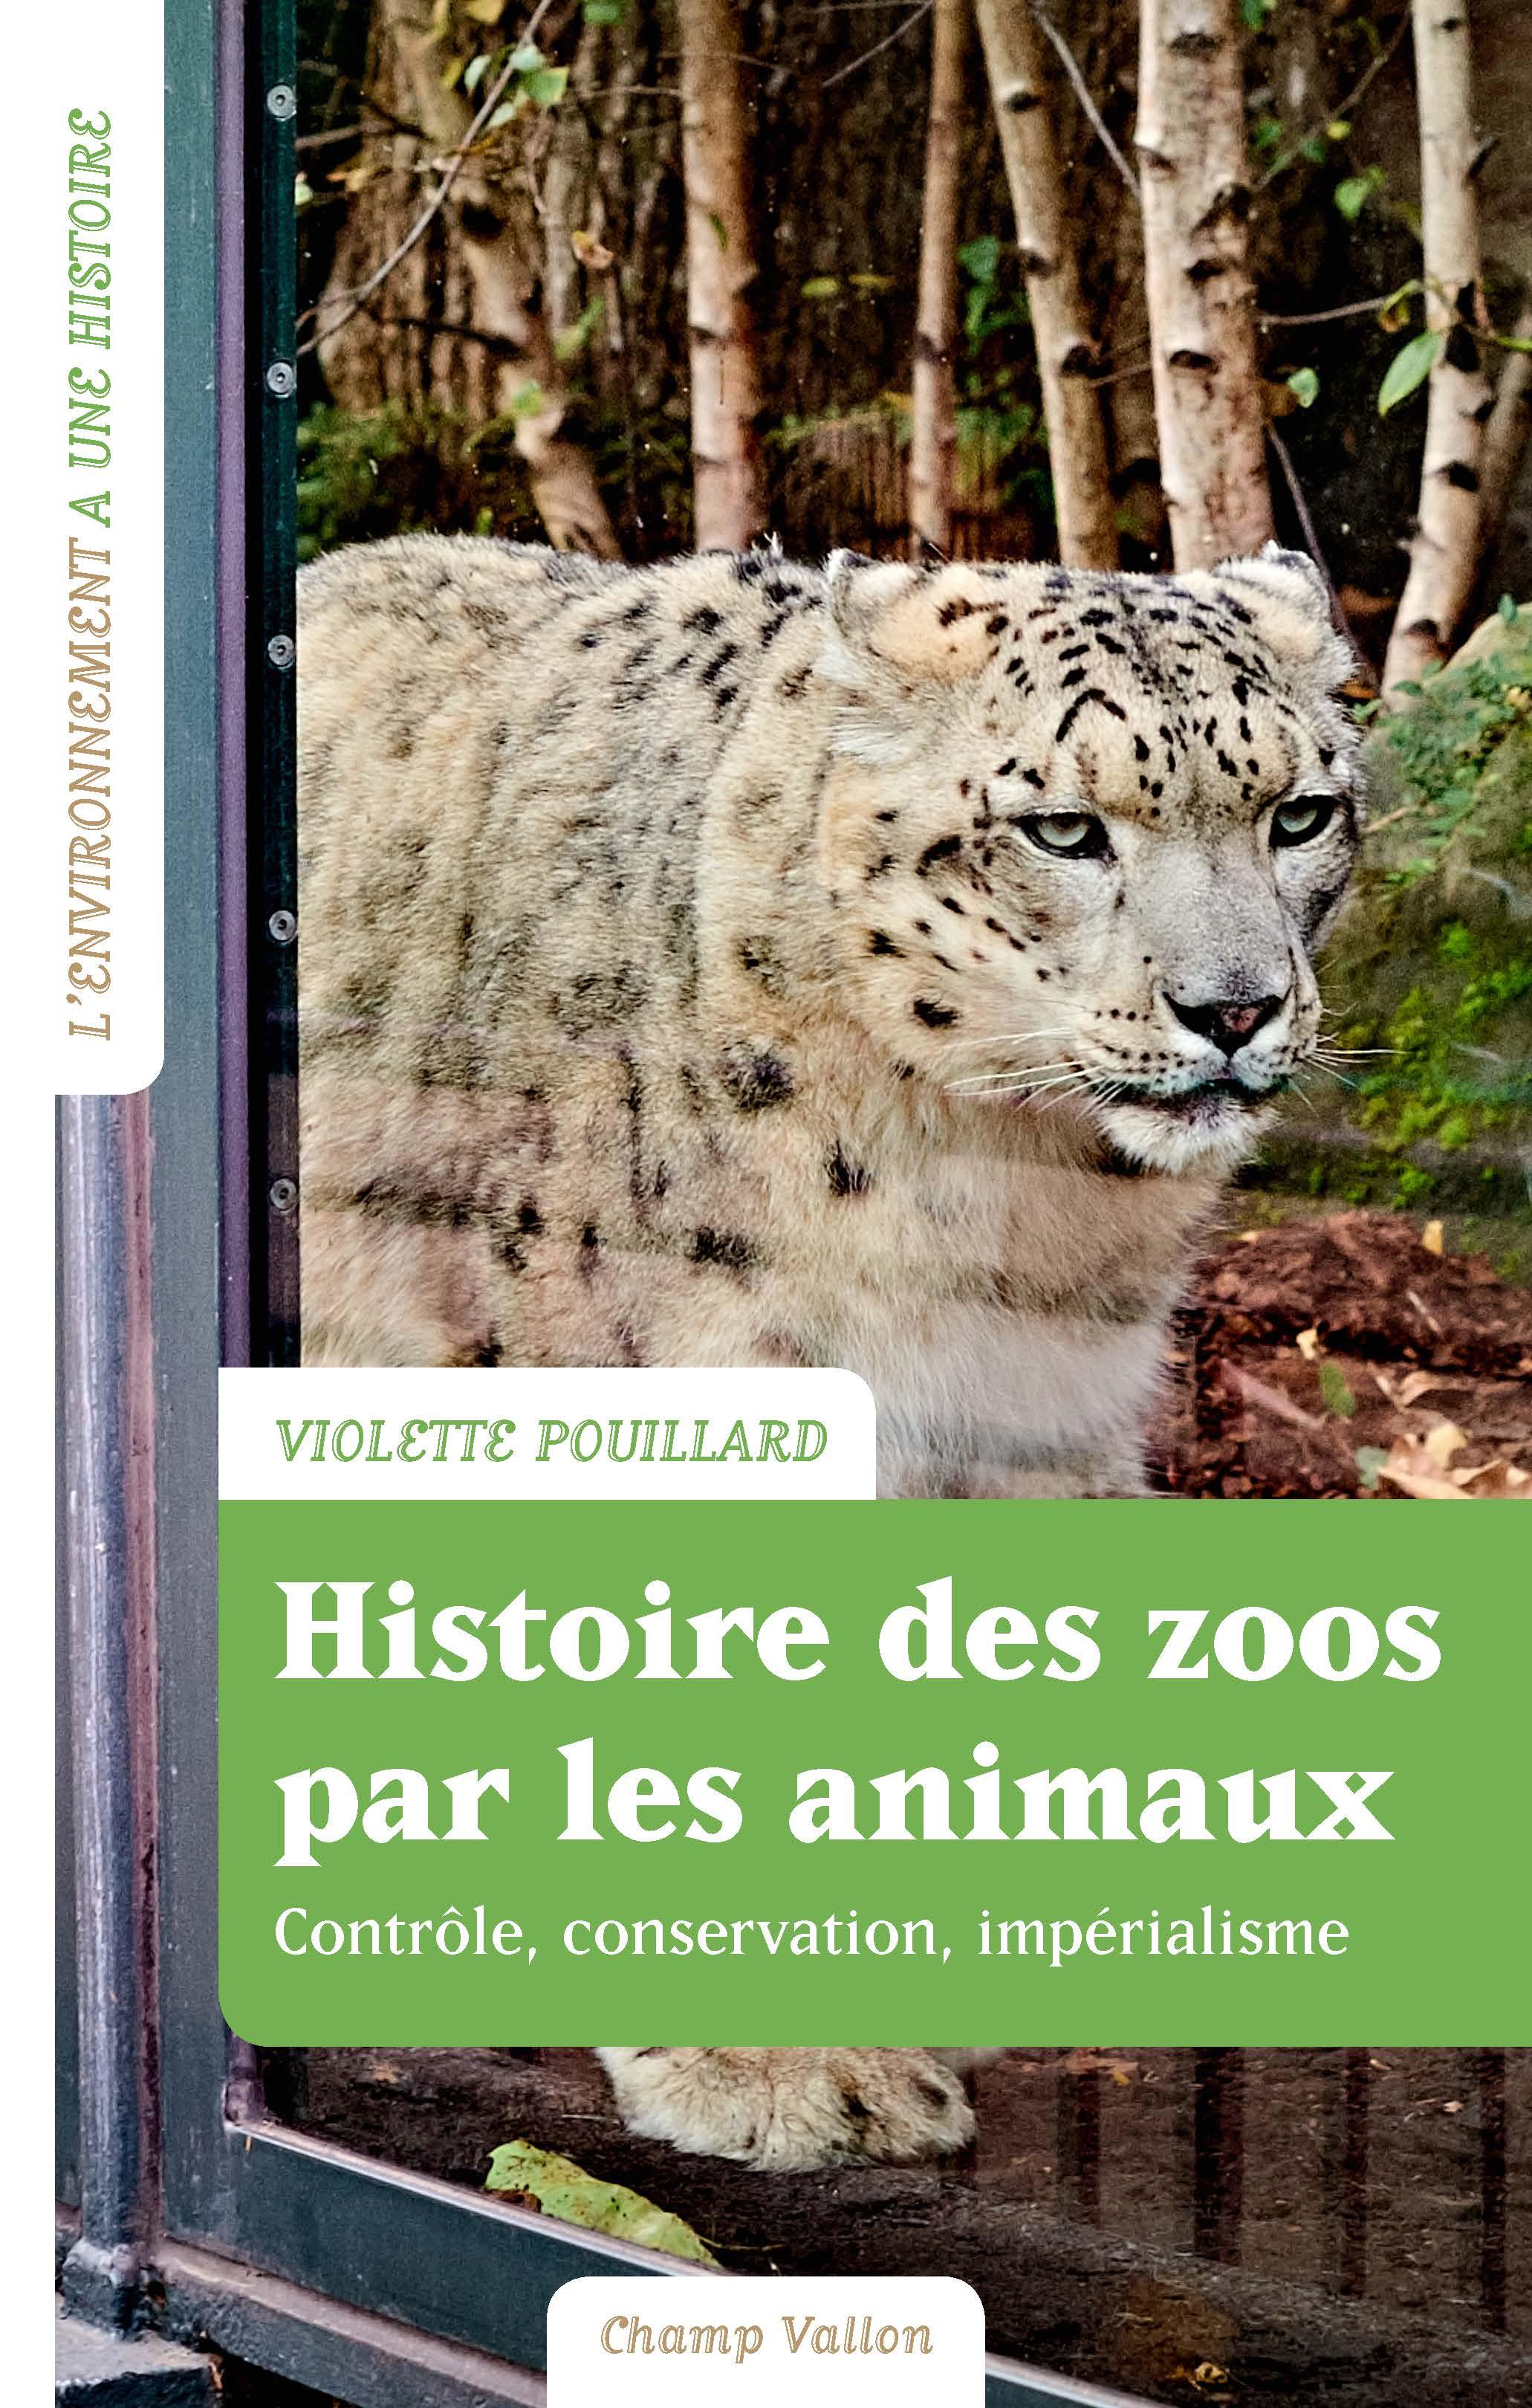 Histoire des zoos par les animaux, Impérialisme, contrôle, conservation